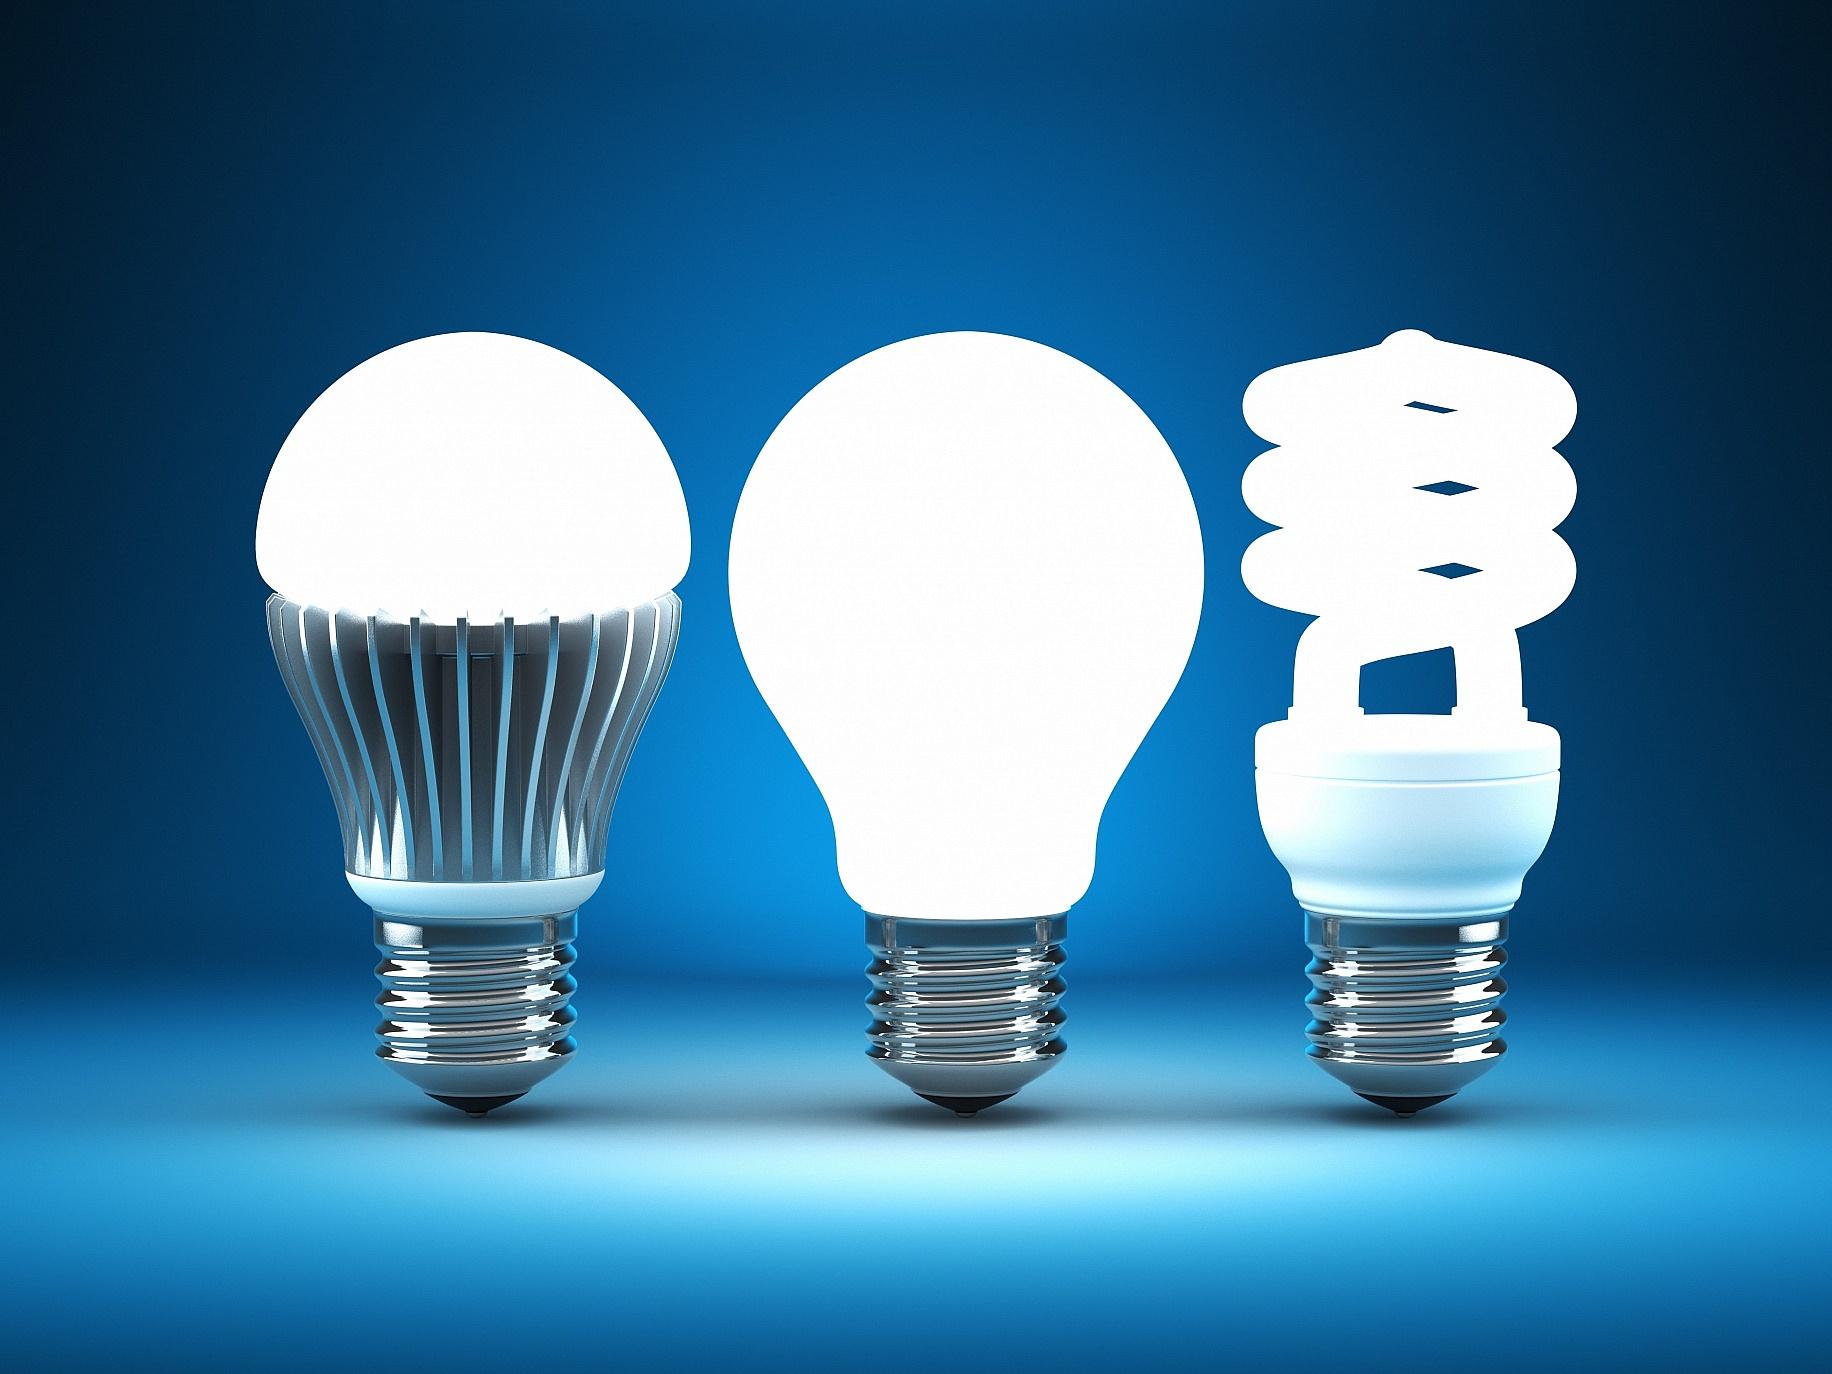 加码Mini LED背光,沃格光电拟收购汇晨电子31%股权